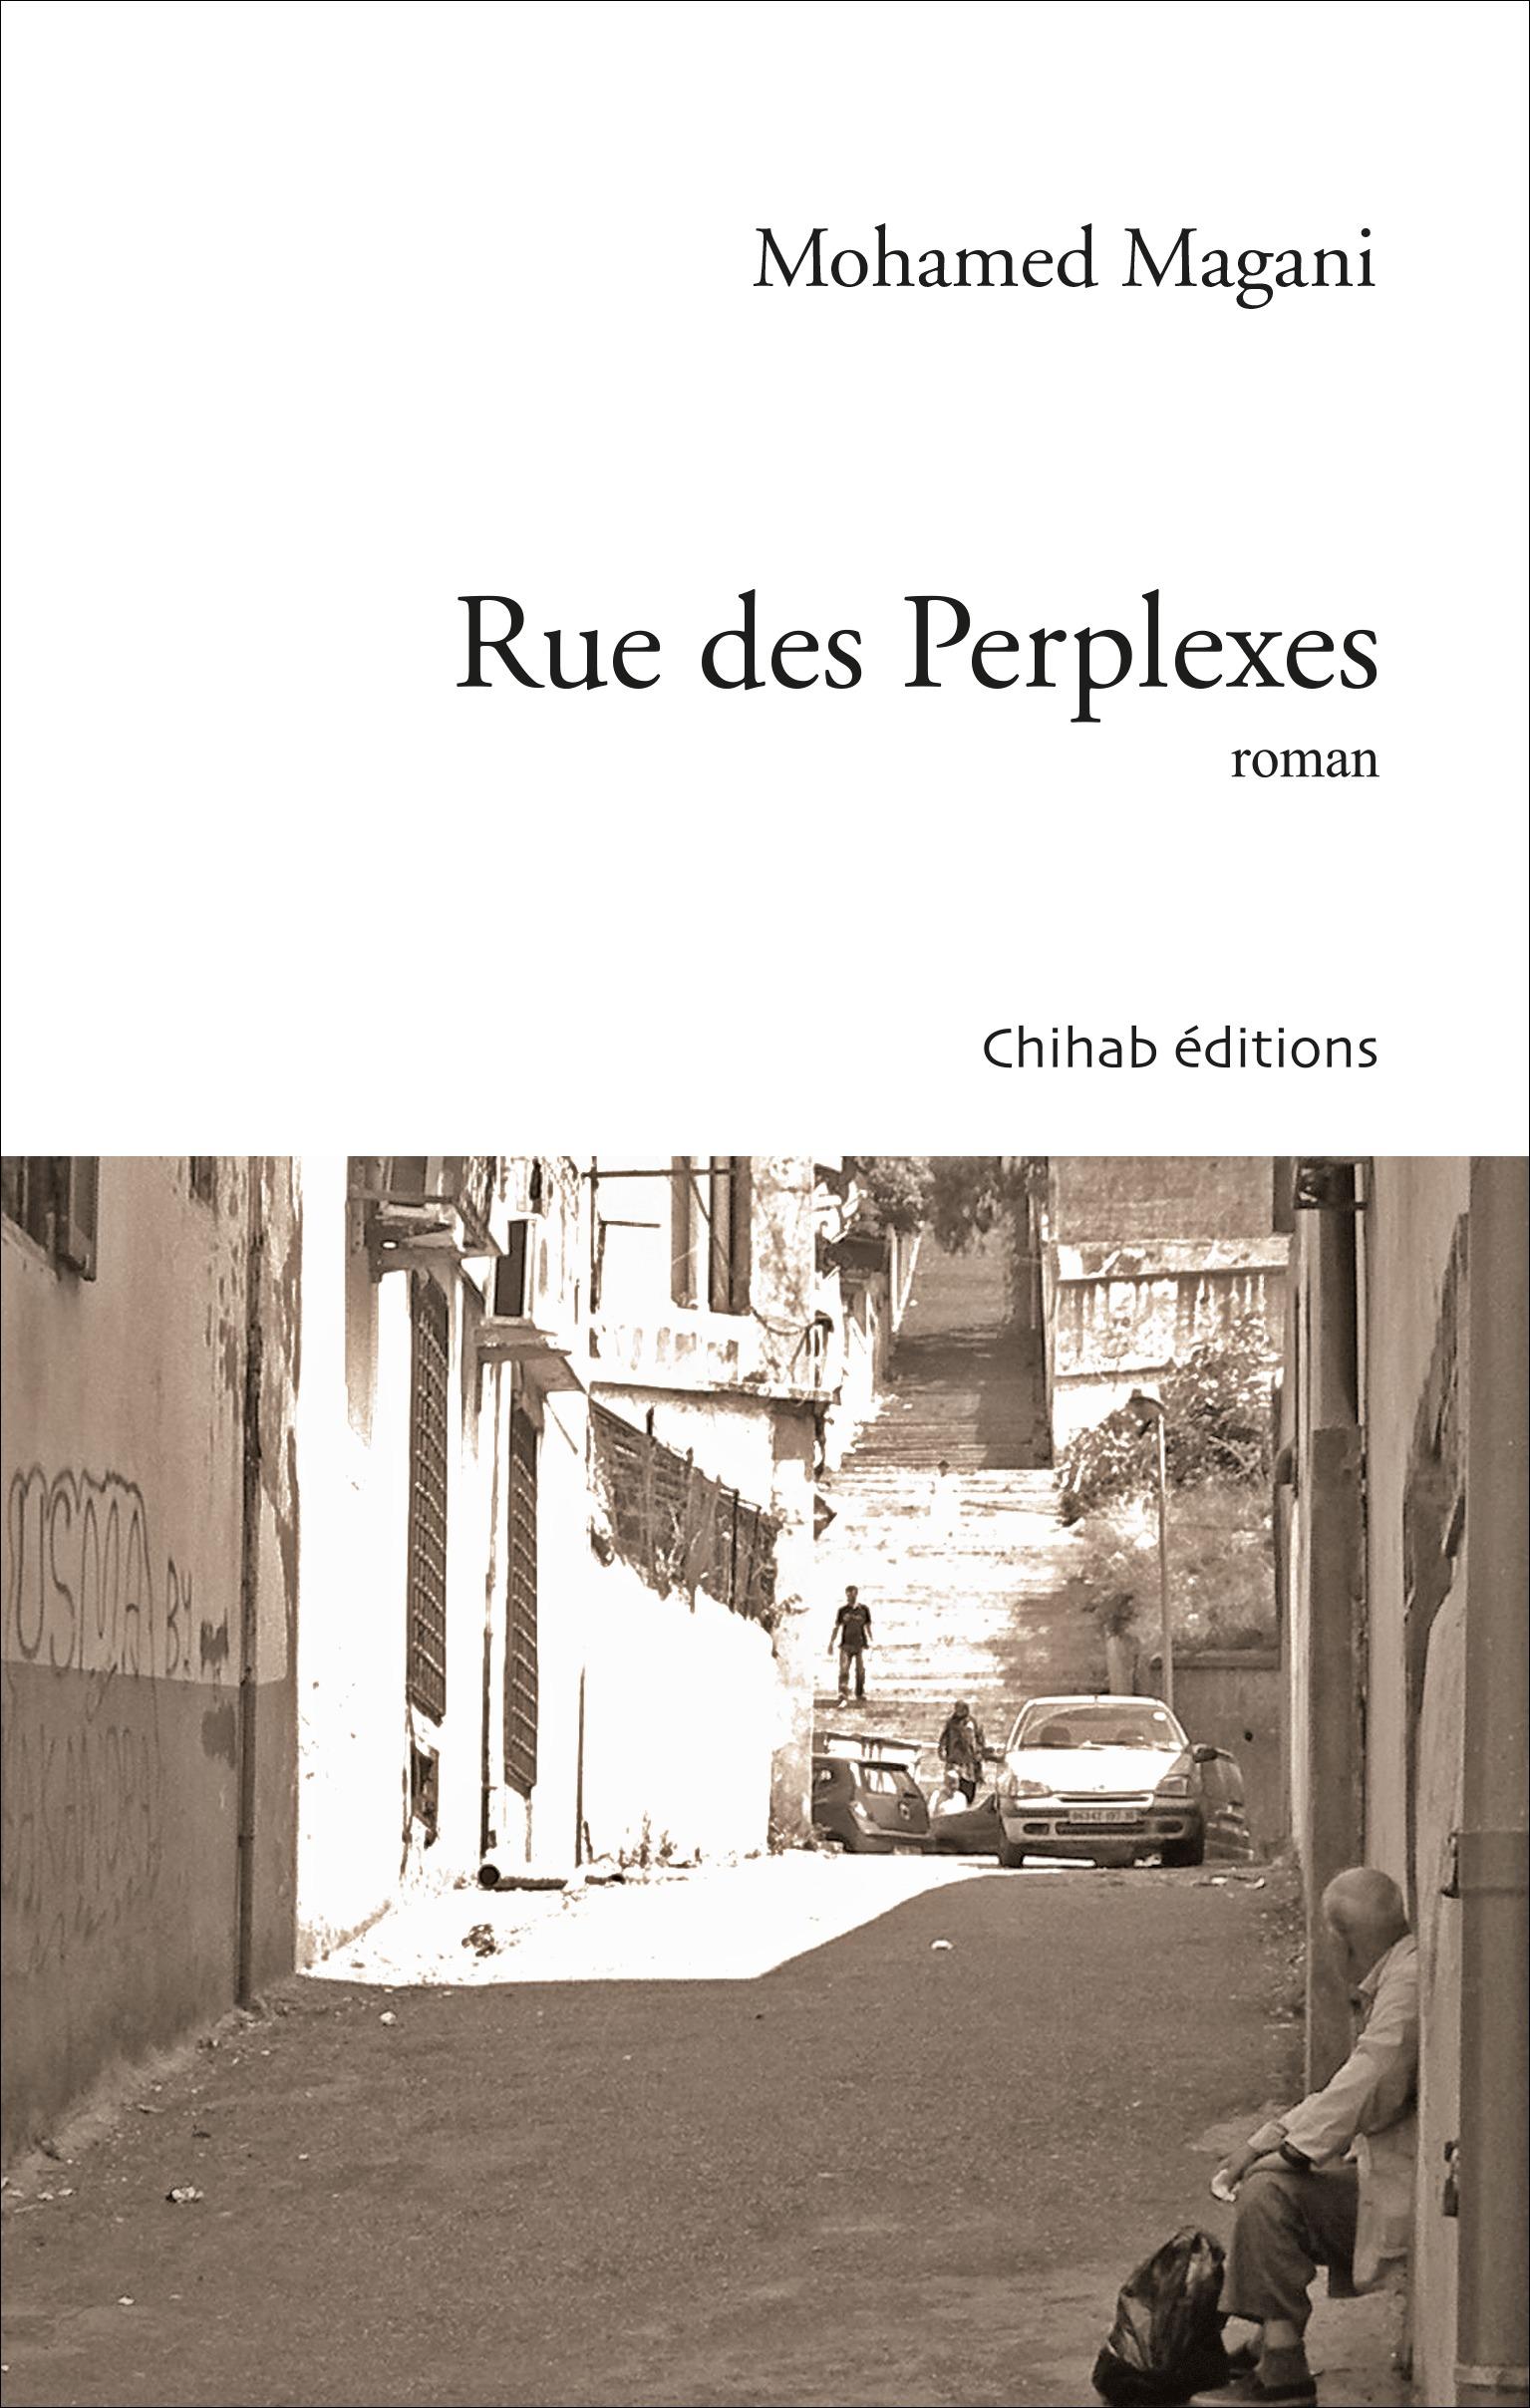 RUE DES PERPLEXES